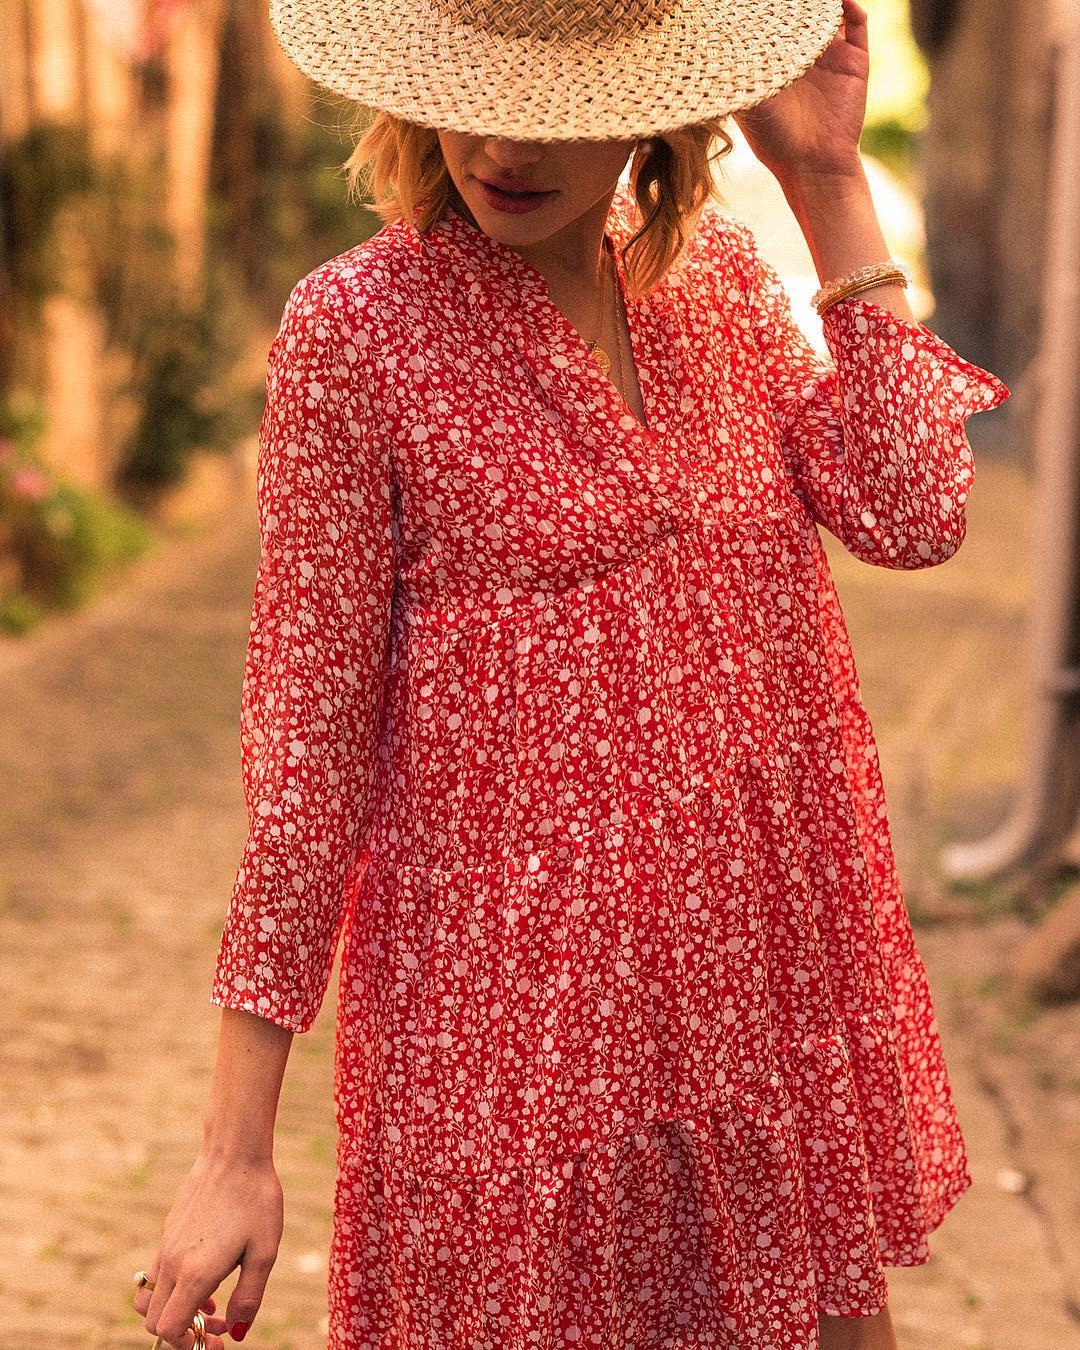 red dress a fleurette de Les Bourgeoises sur stellaetsuzie